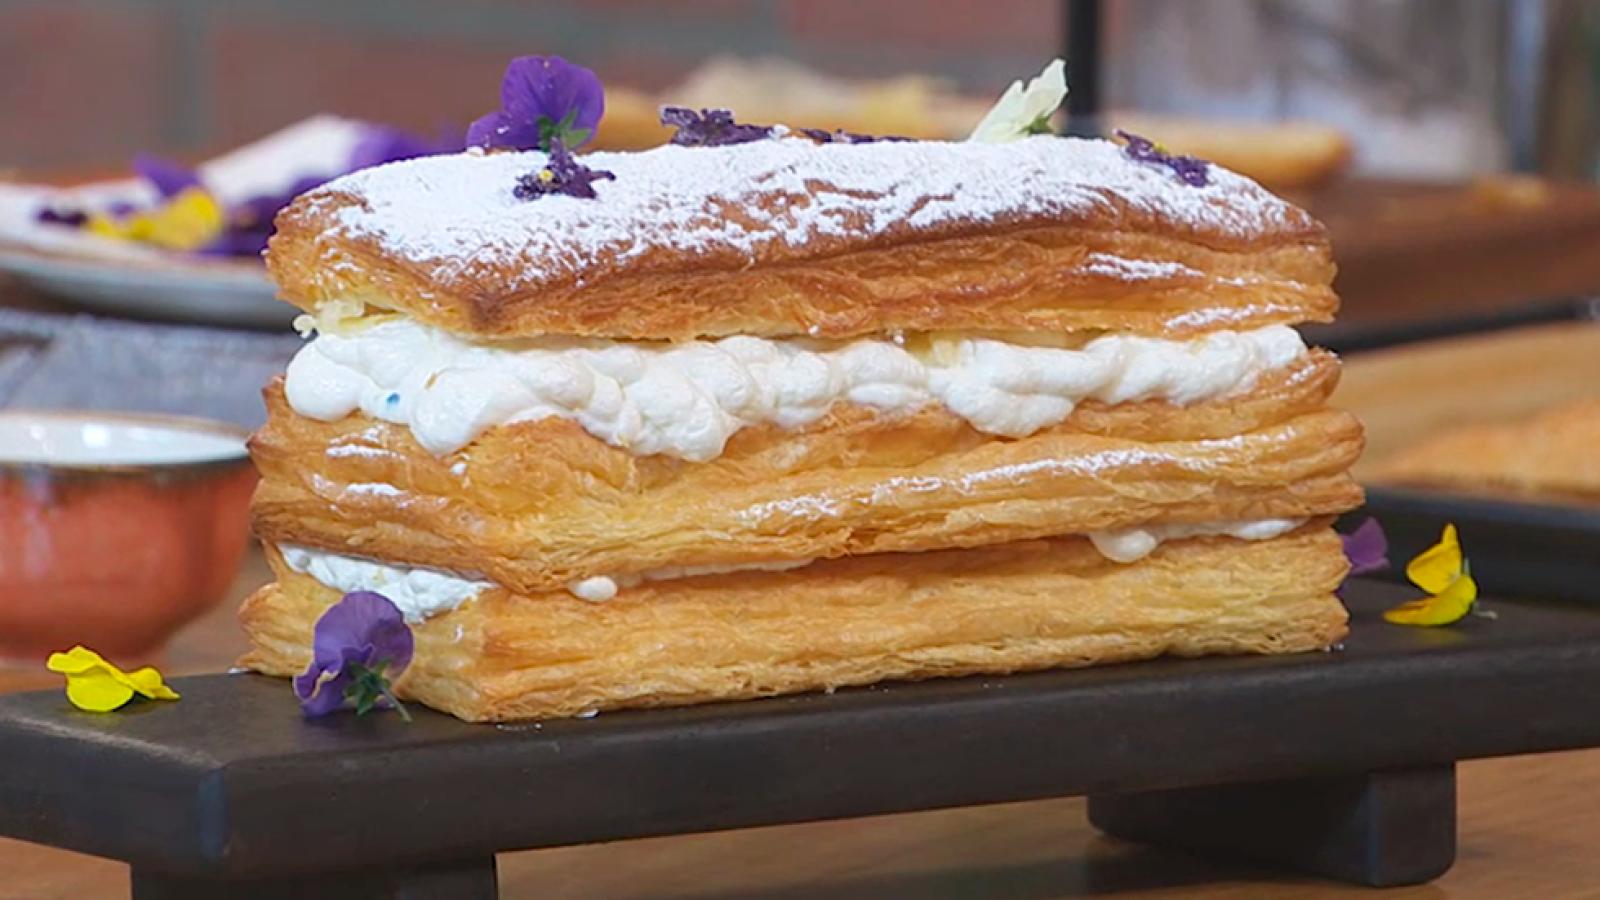 Torres en la cocina - Milhojas con violetas